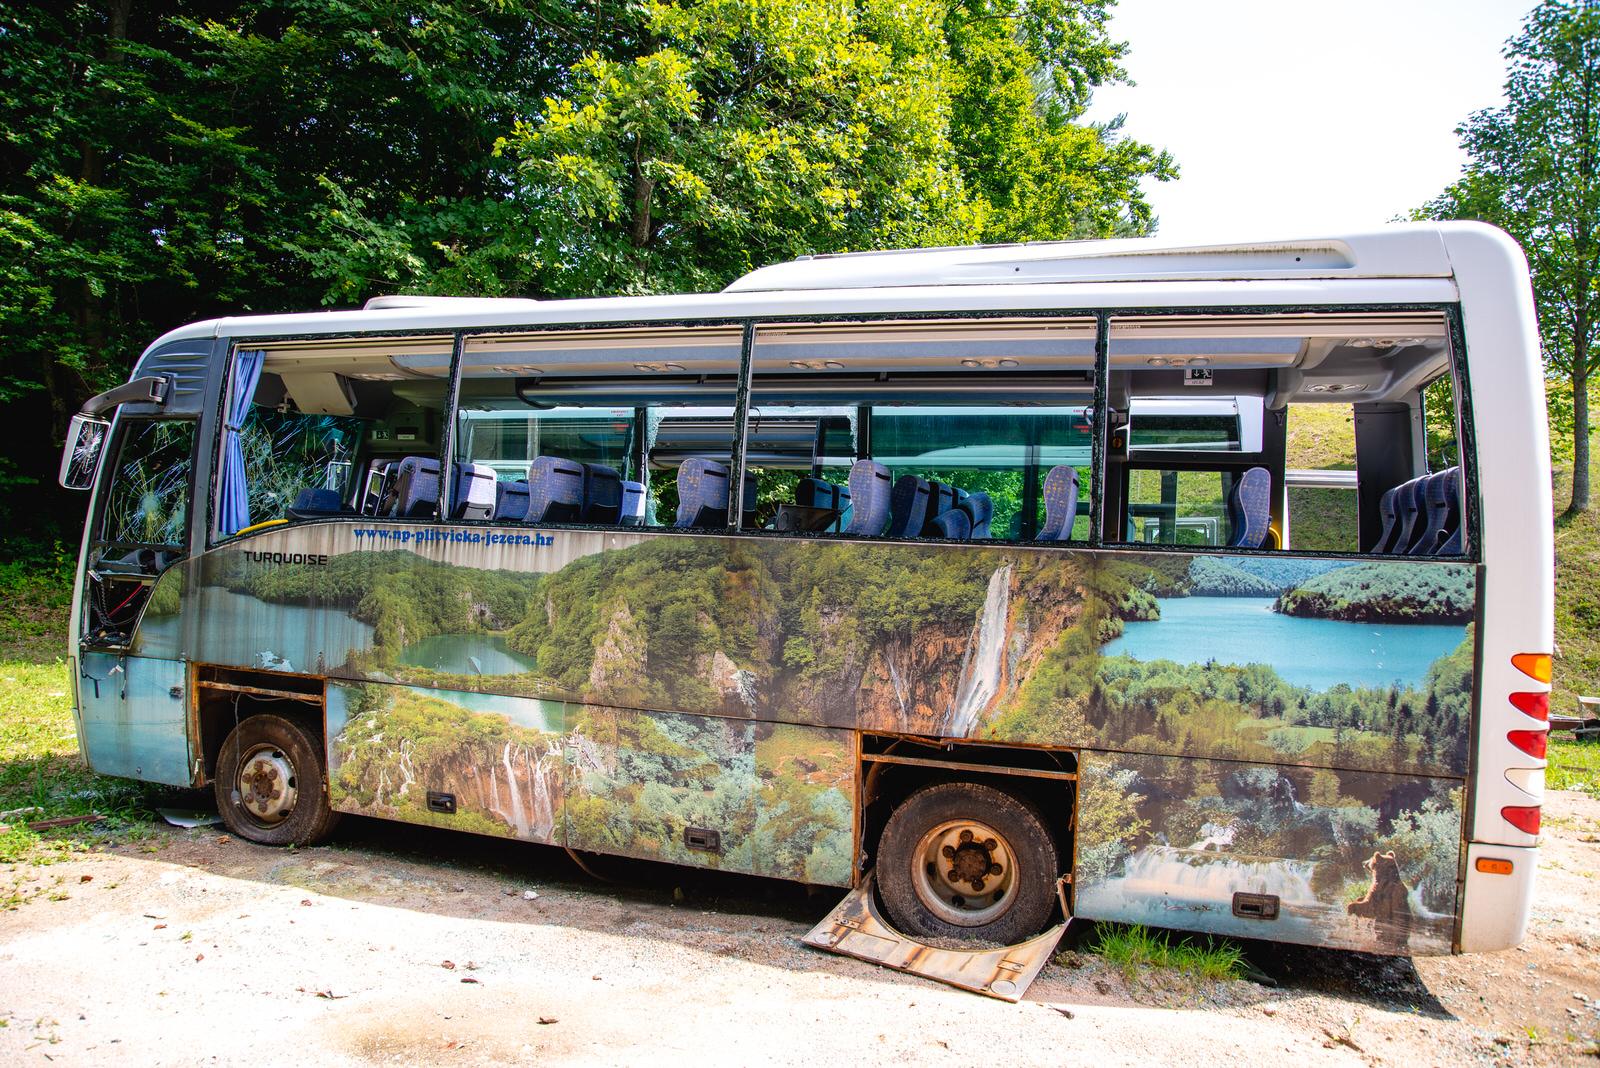 likaclub_autobusi plitvička jezera u mukinjama_11_8_2020 (4)